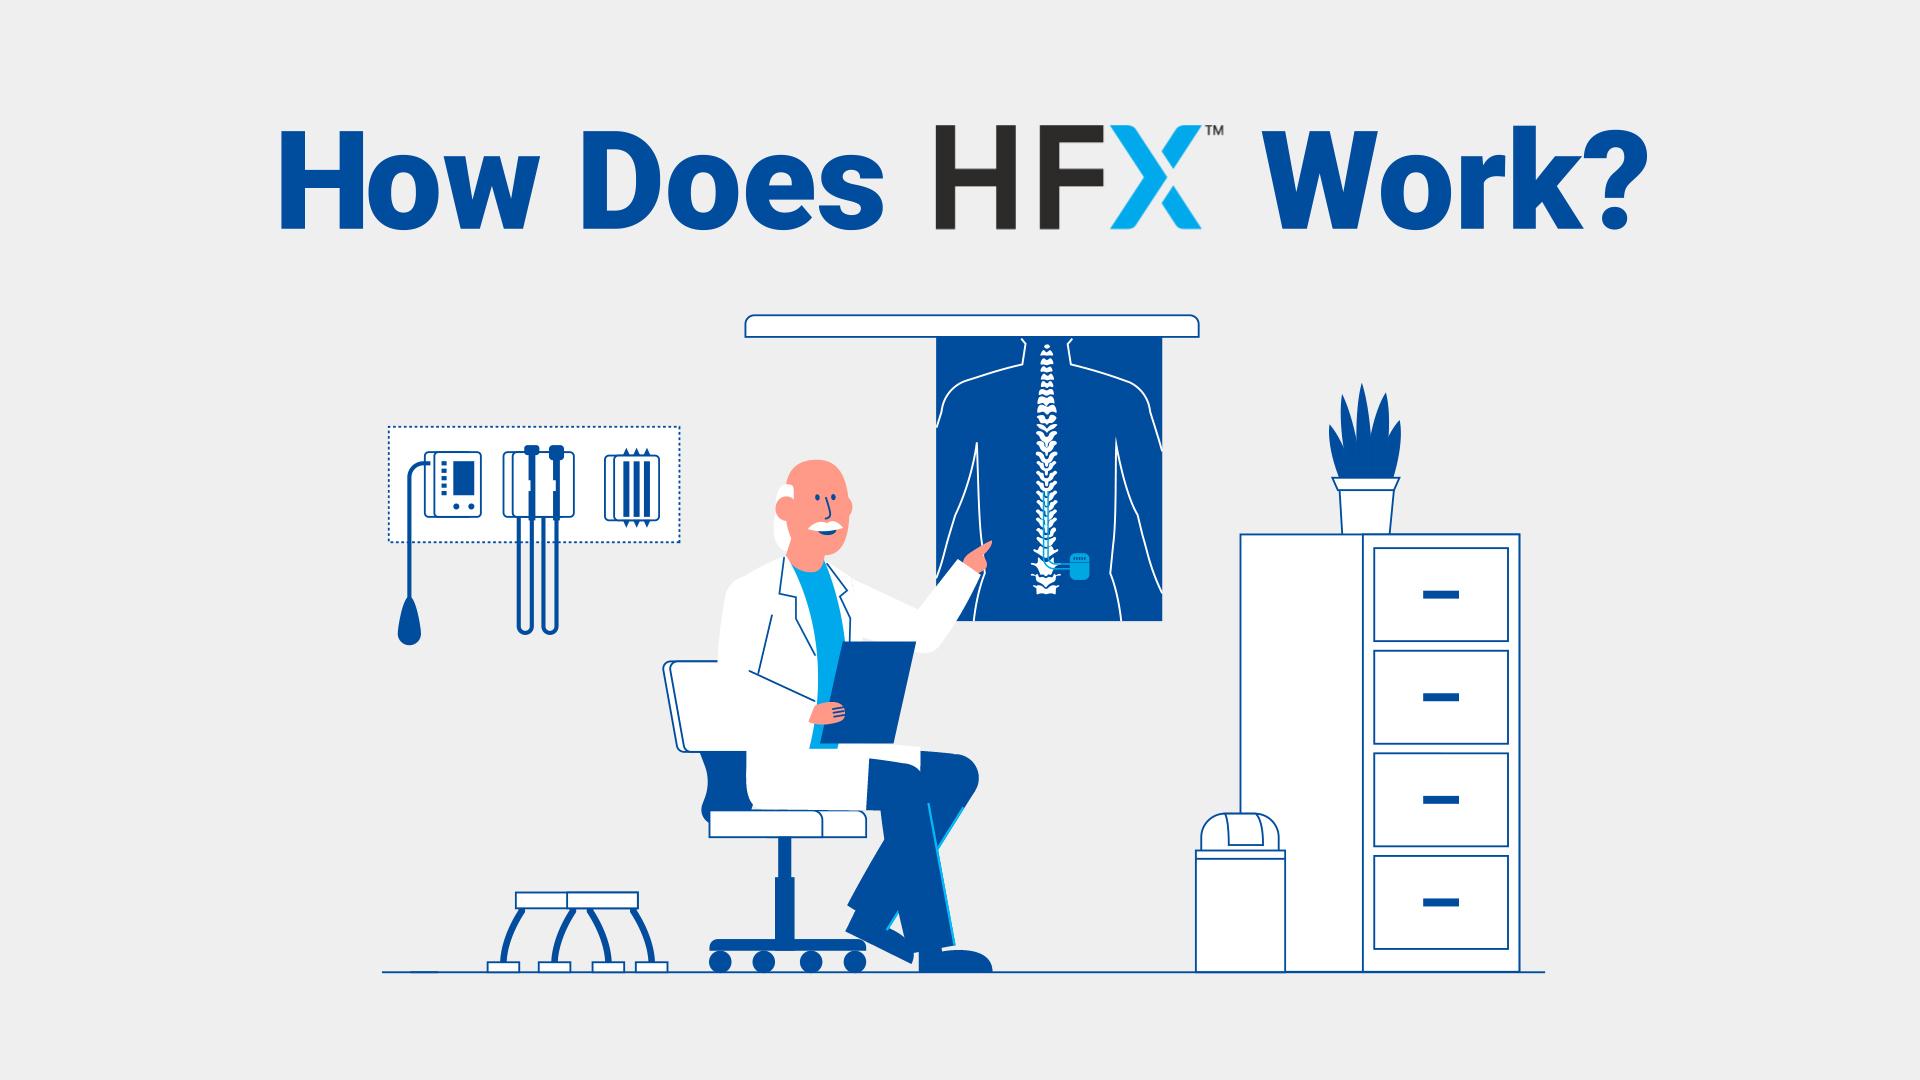 https://www.nevrohfx.com/app/uploads/sites/6/2021/07/HFX-How-SCS-Works-Thumbnail-4k.jpg